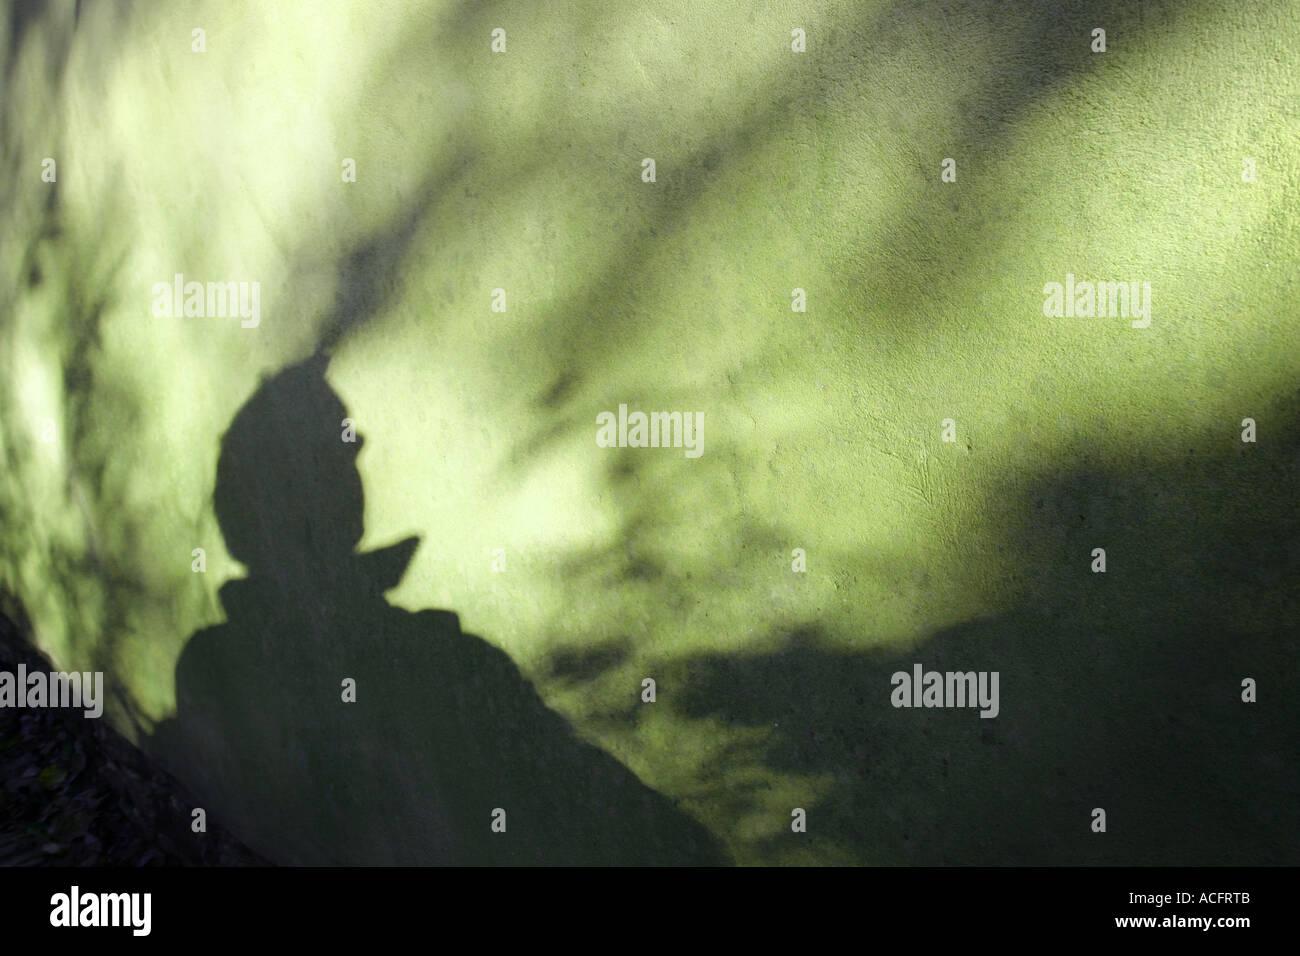 Foto di un mans ombra su una parete Immagini Stock